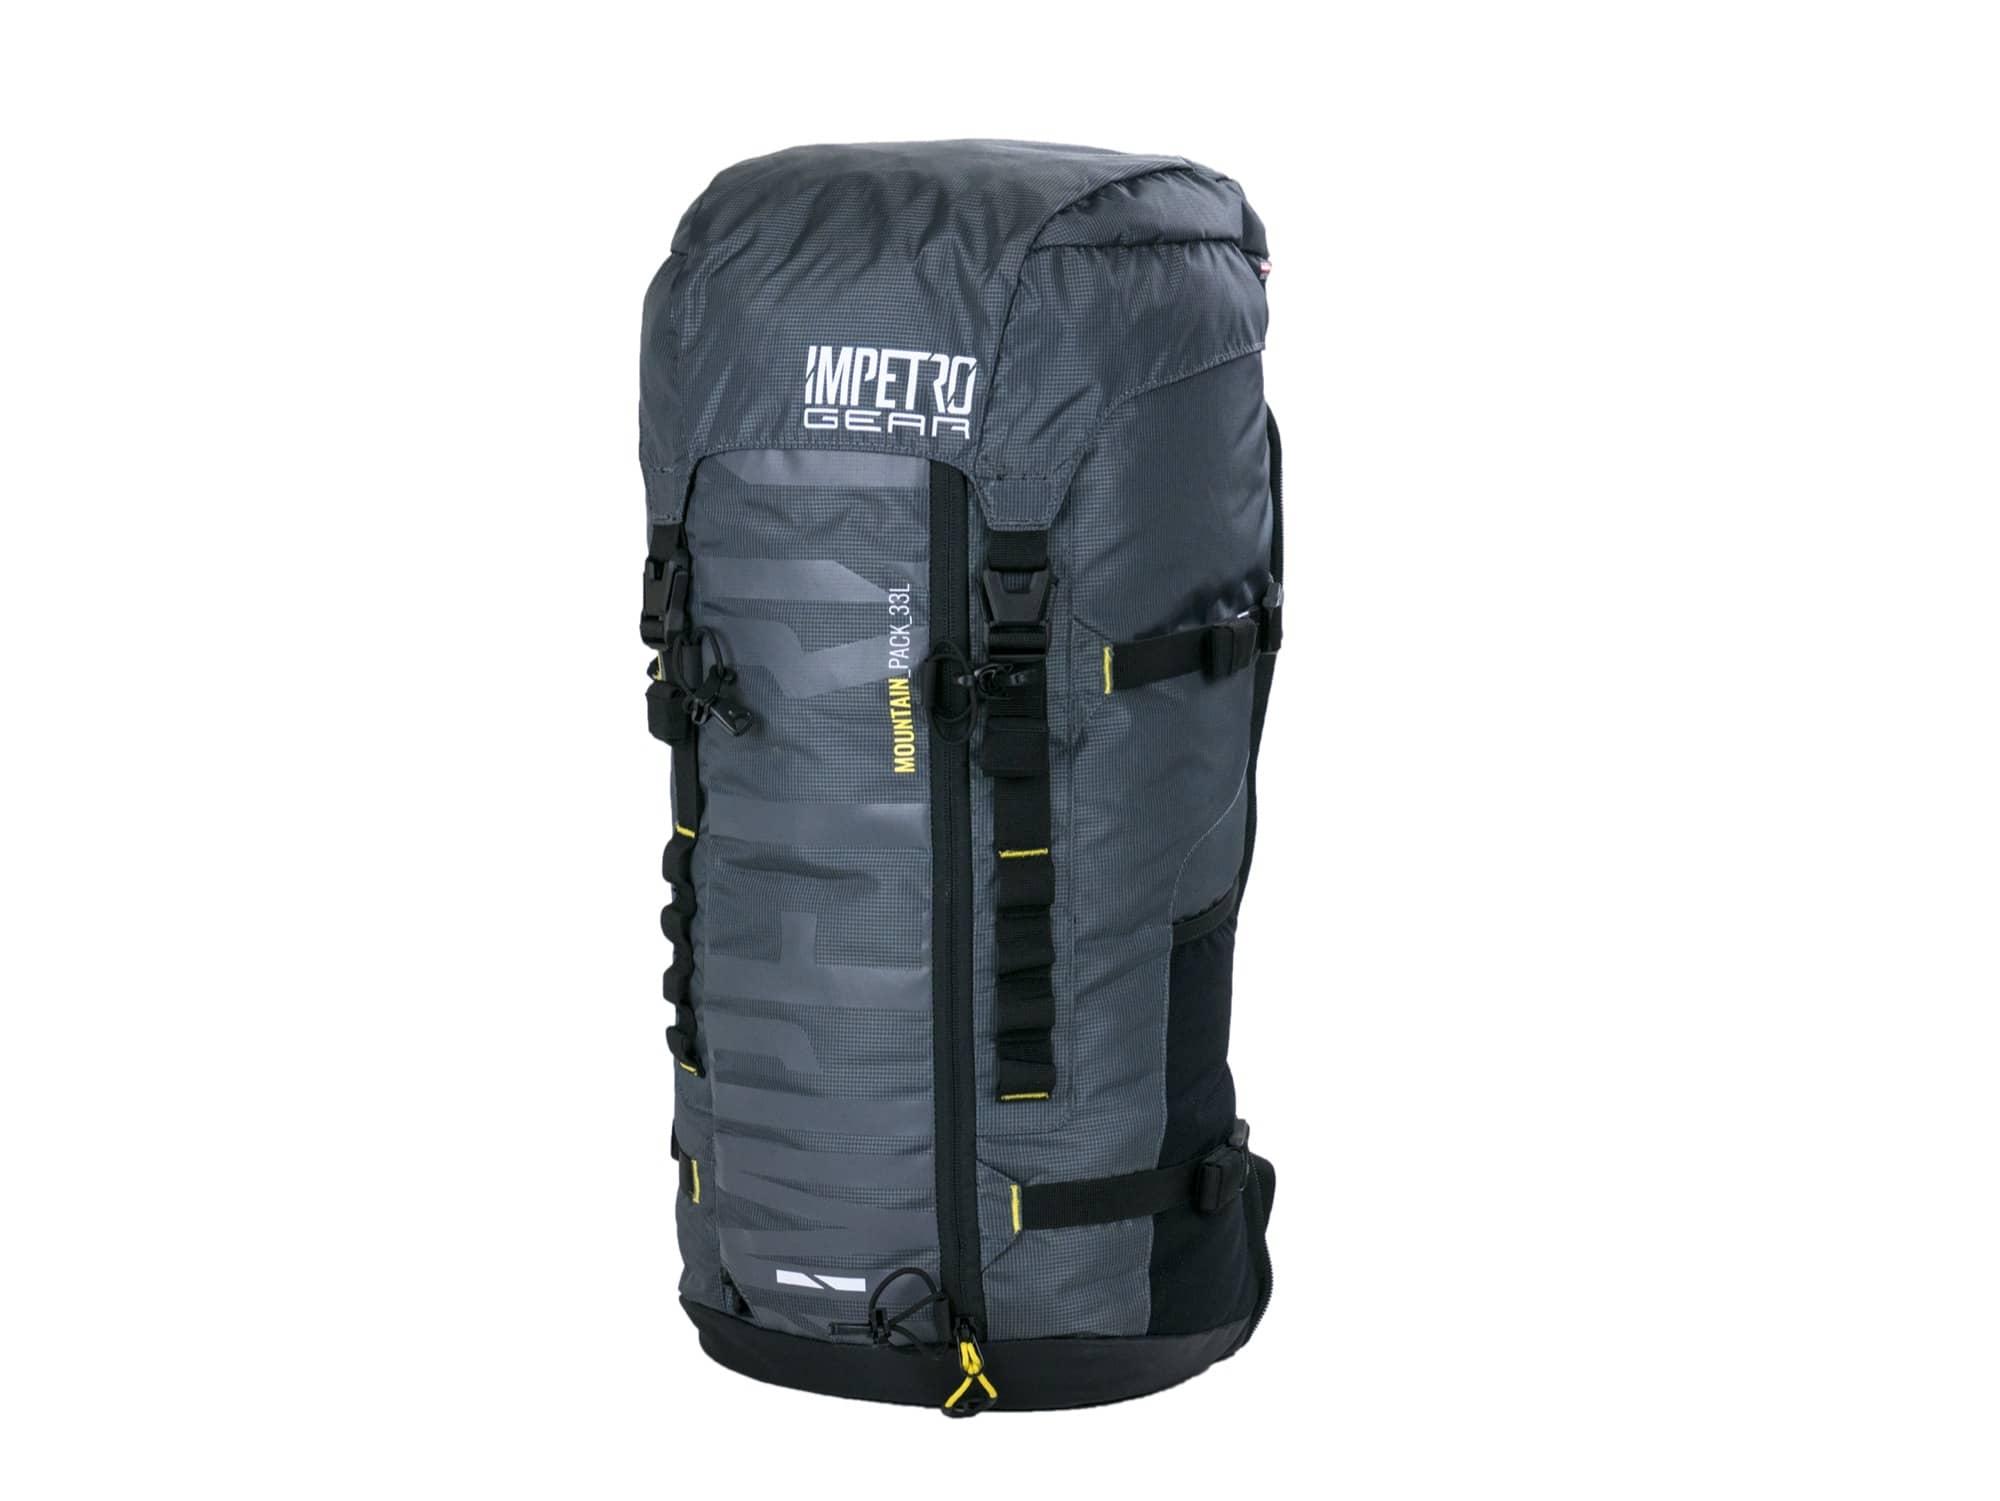 Impetro Gear Mountain Rucksack